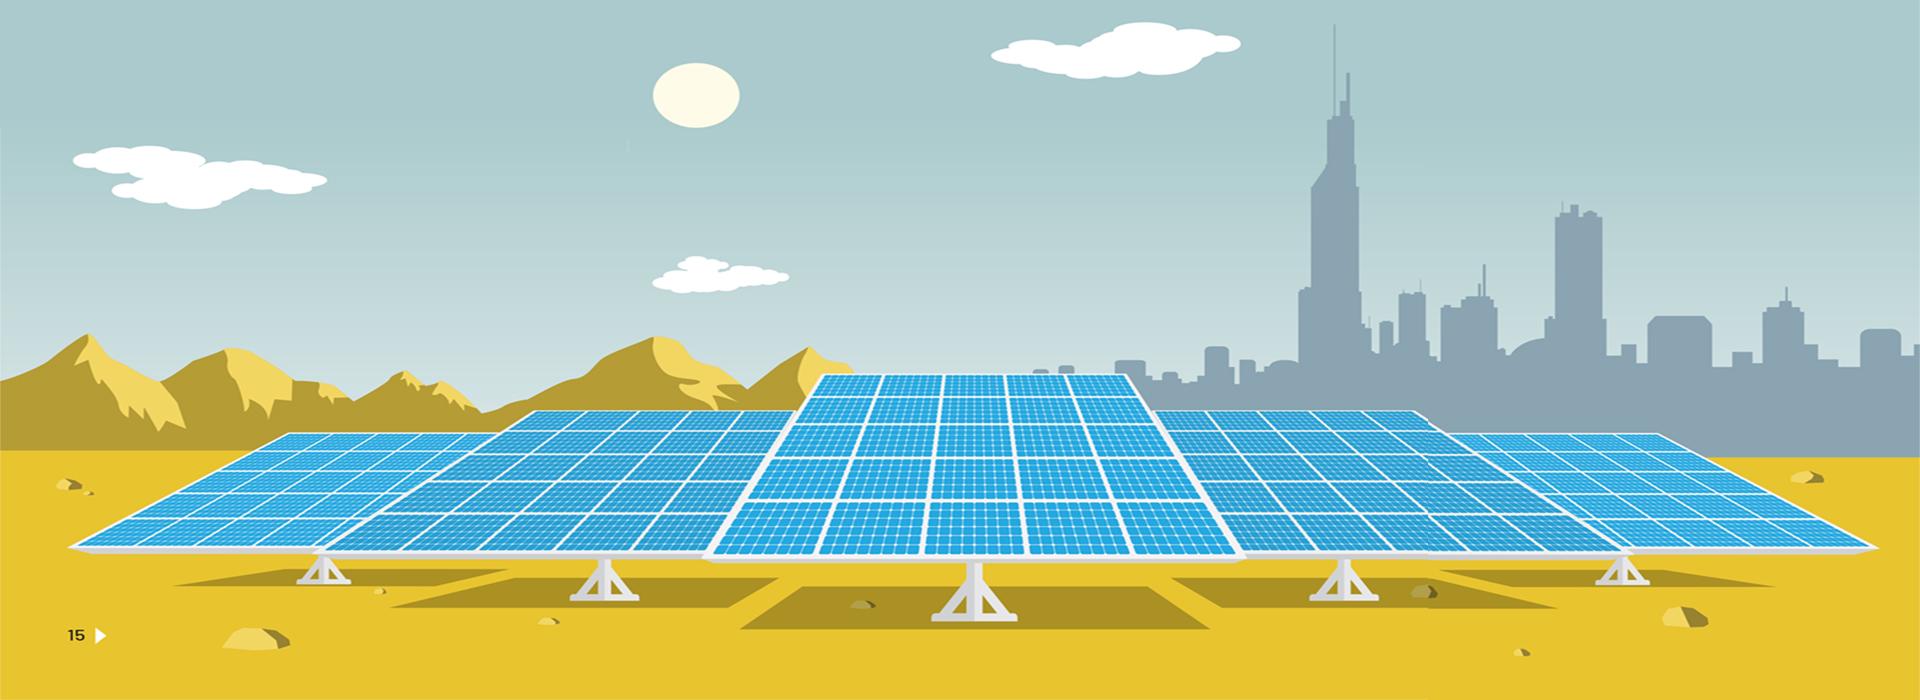 Bin Omairah Renewable